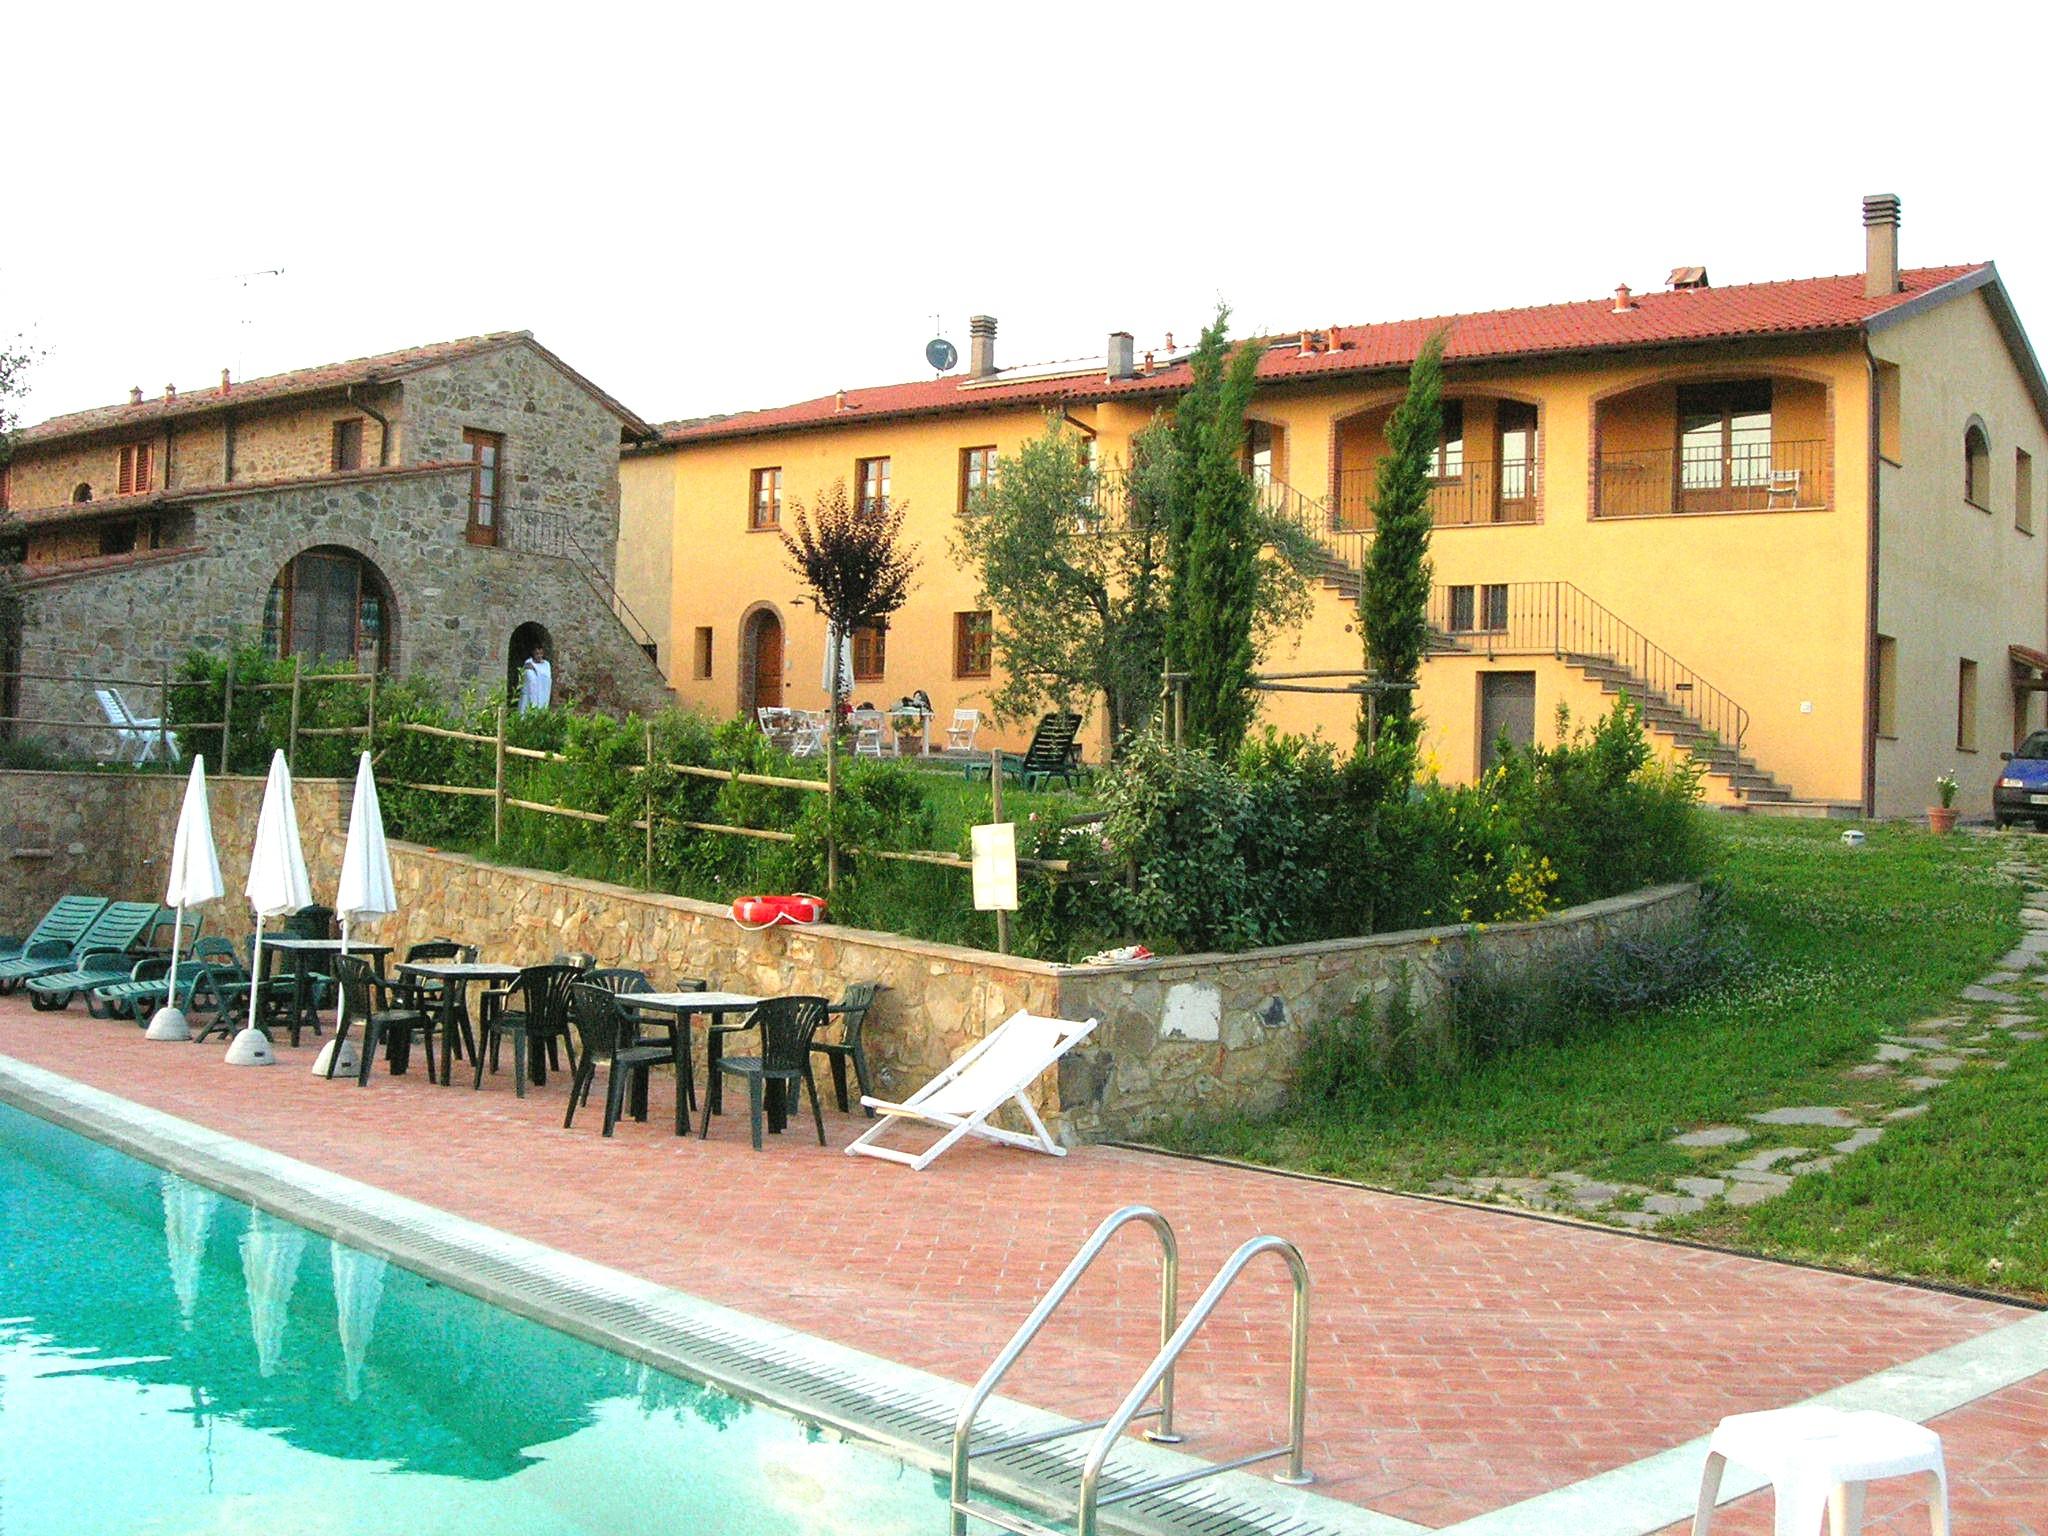 De gebouwen van Monte met het zwembad